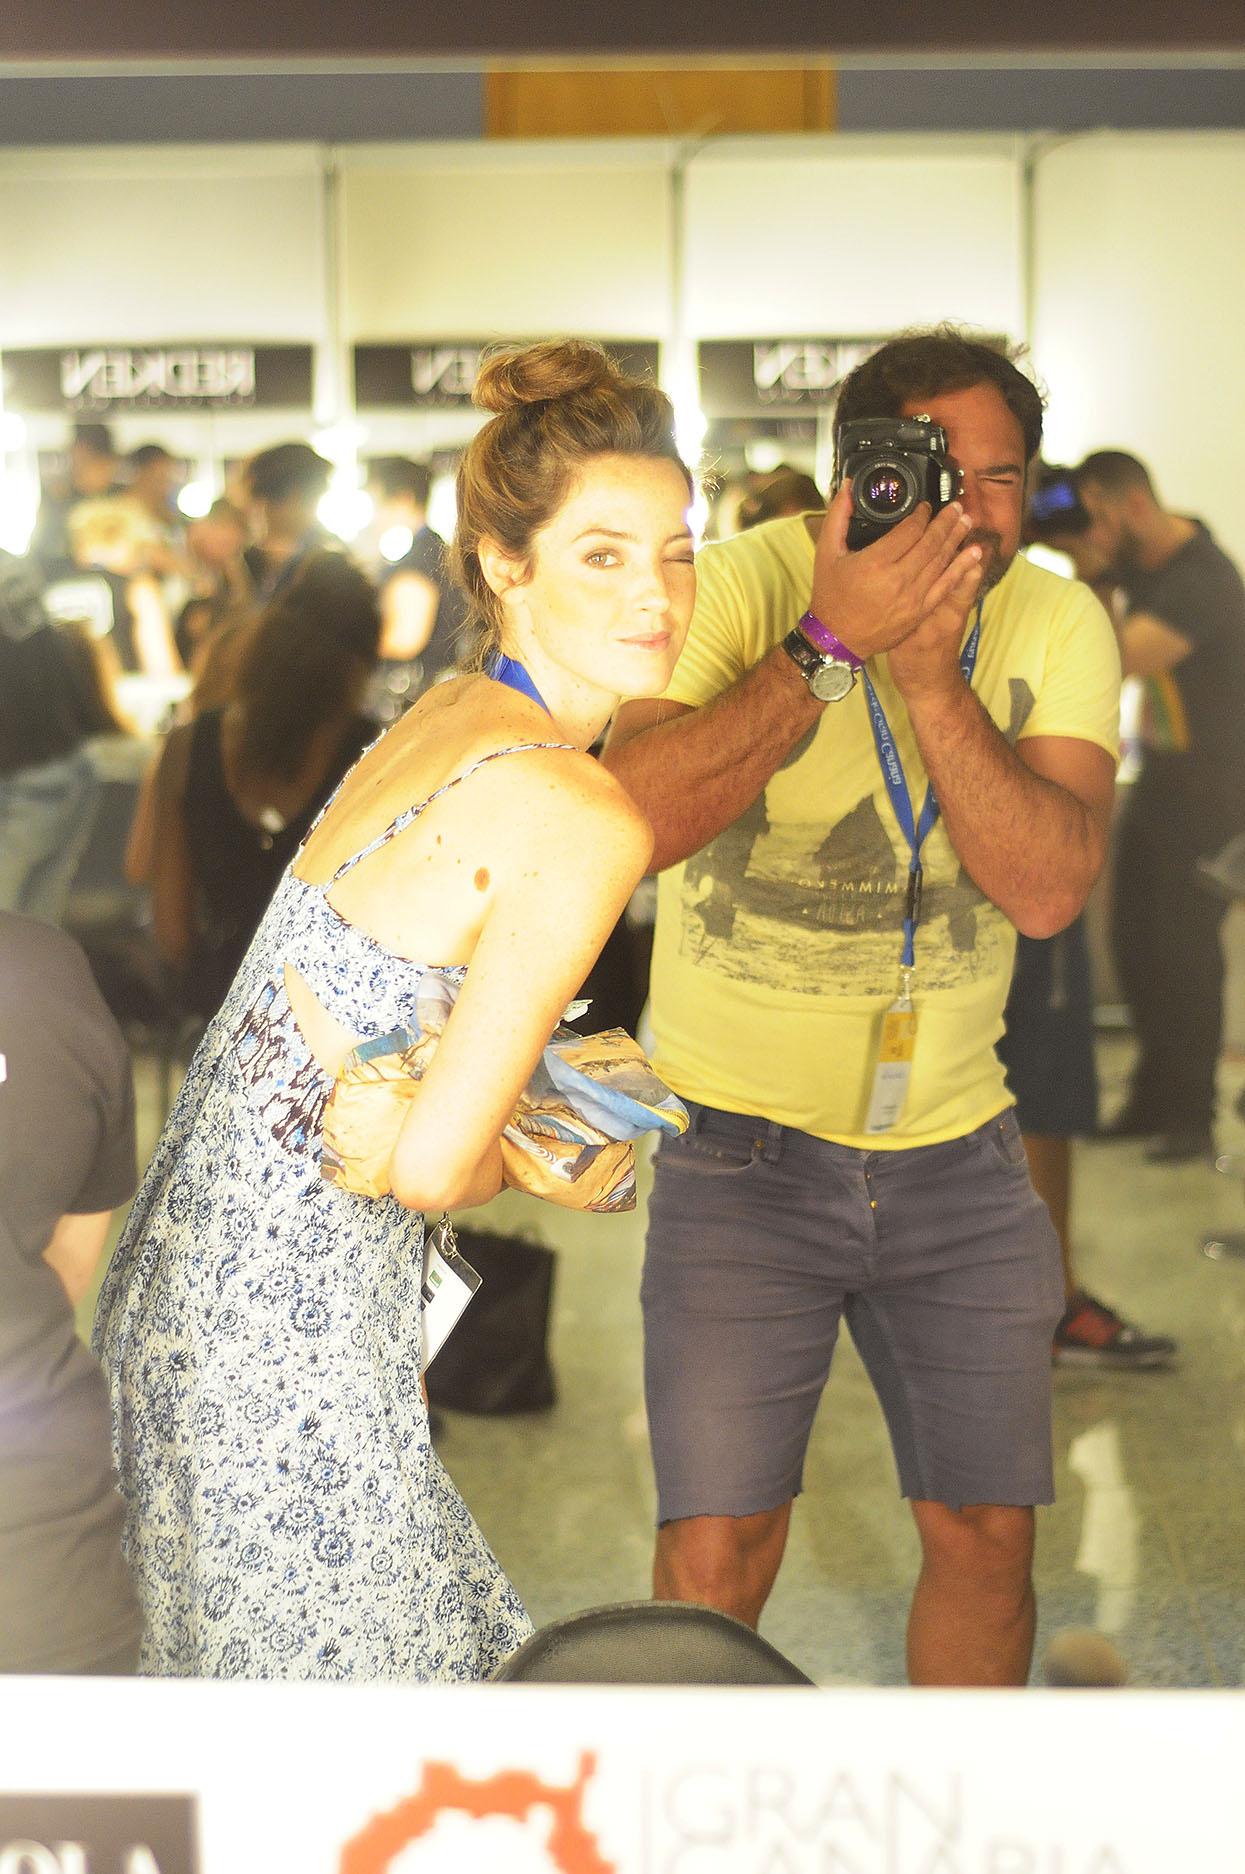 Aida Artiles. Moda Cálida. Gran Canaria. Autorretrato - Behind the lens - JOSE V. GLEZ